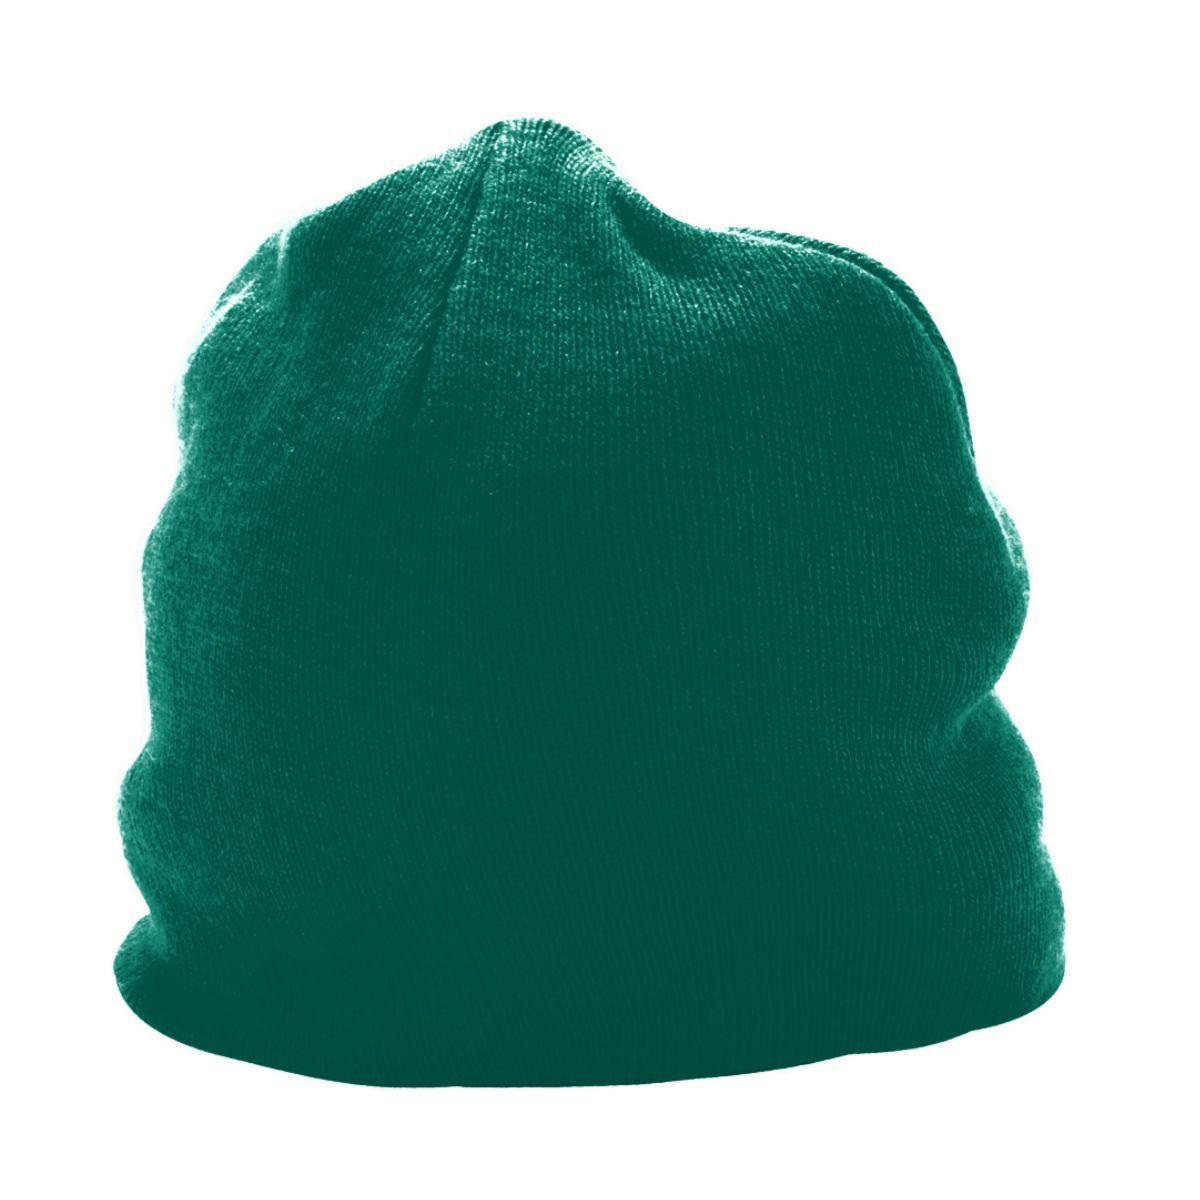 Knit Beanie - DARK GREEN